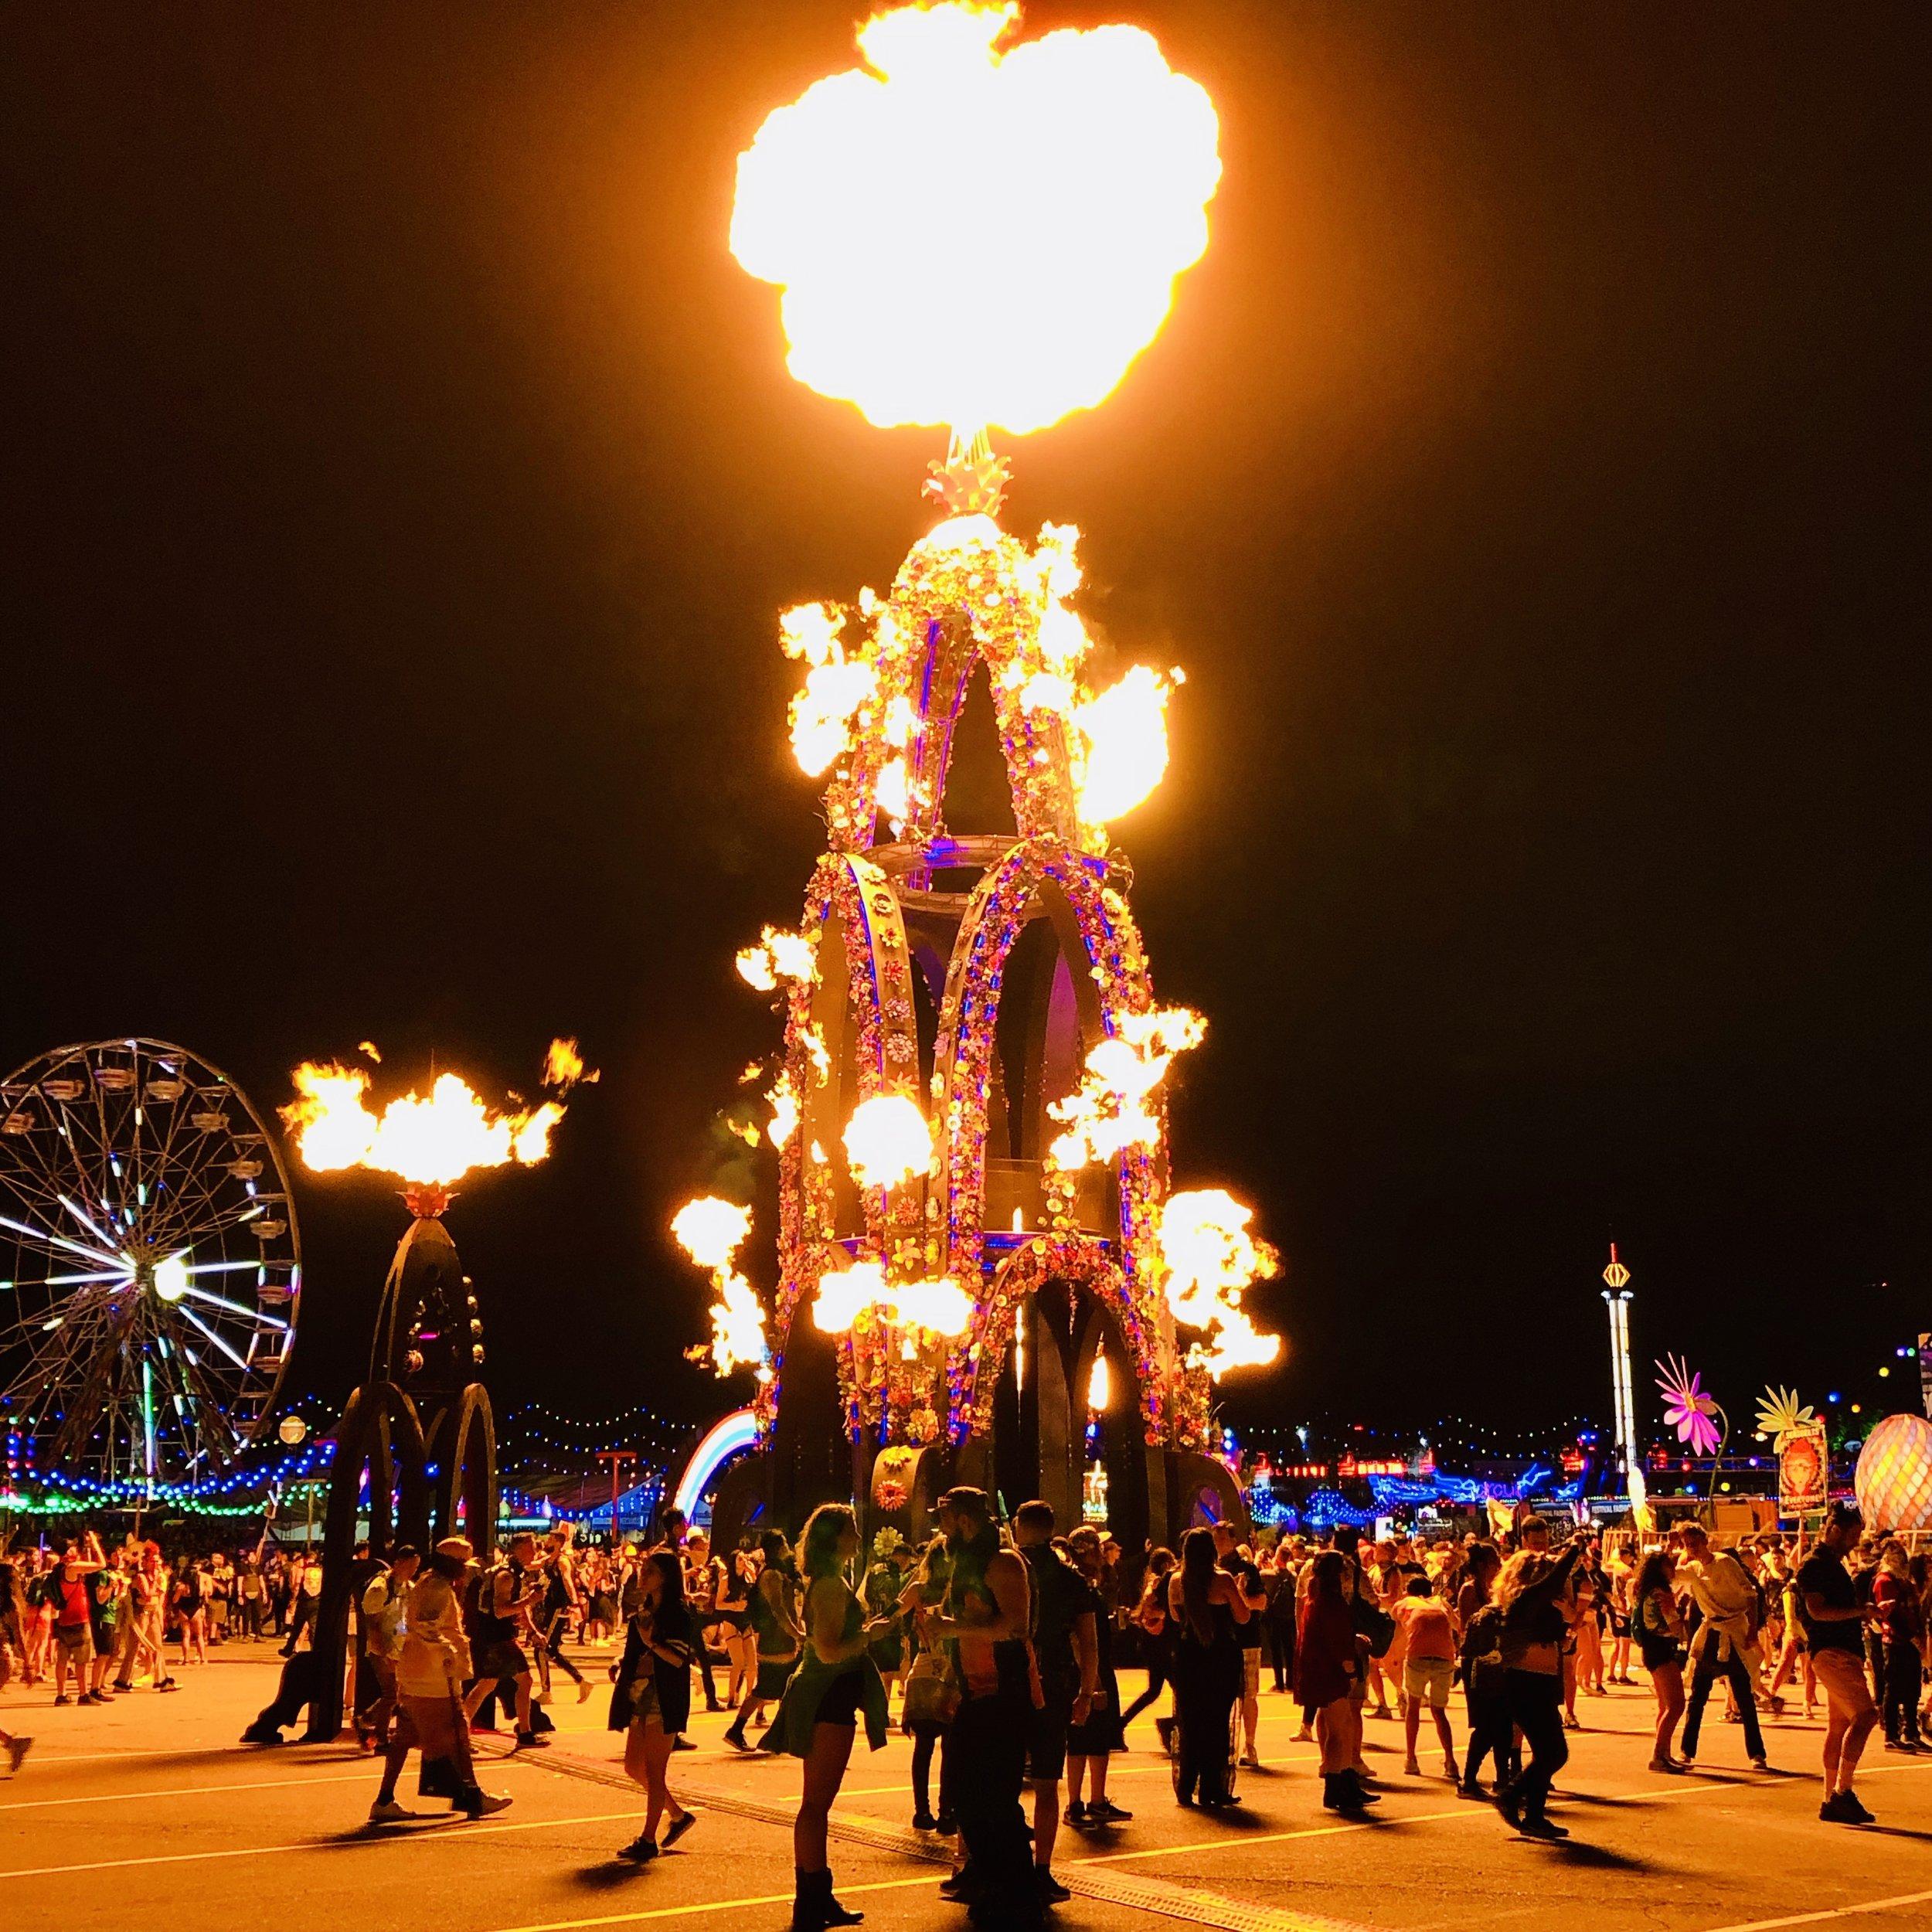 Flower Tower at Burning Man